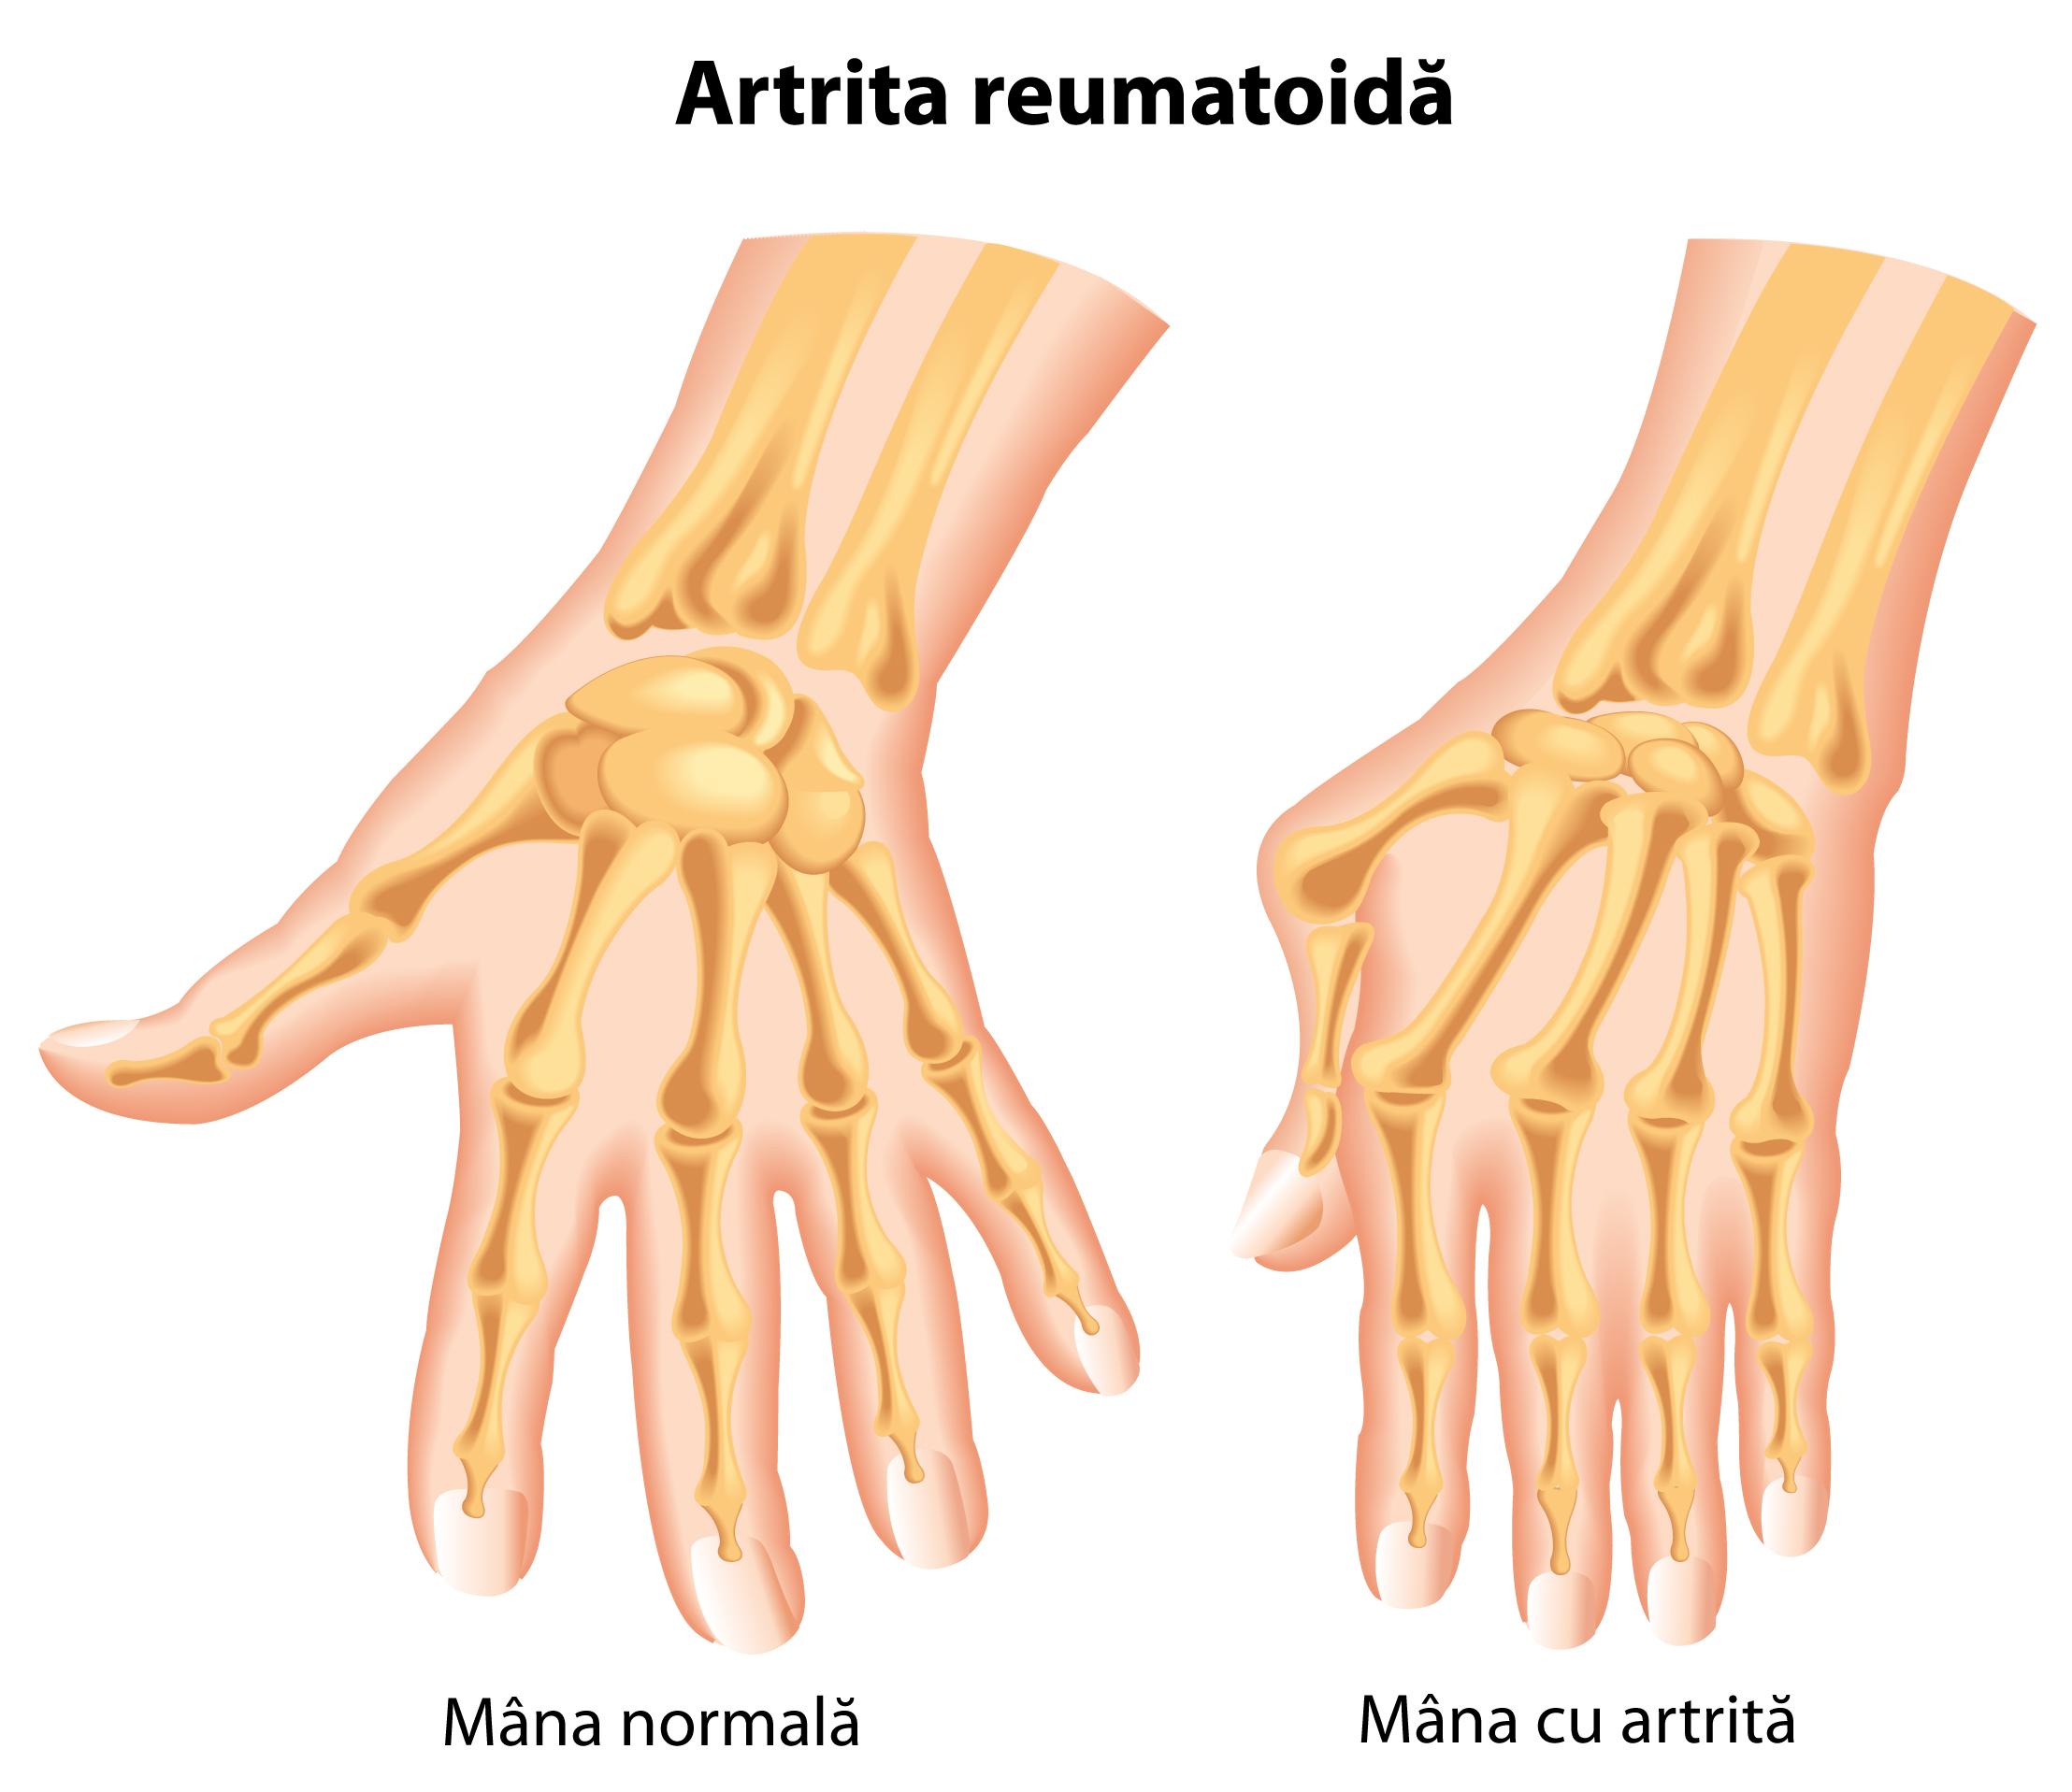 degetele în formă de fus de artrită reumatoidă